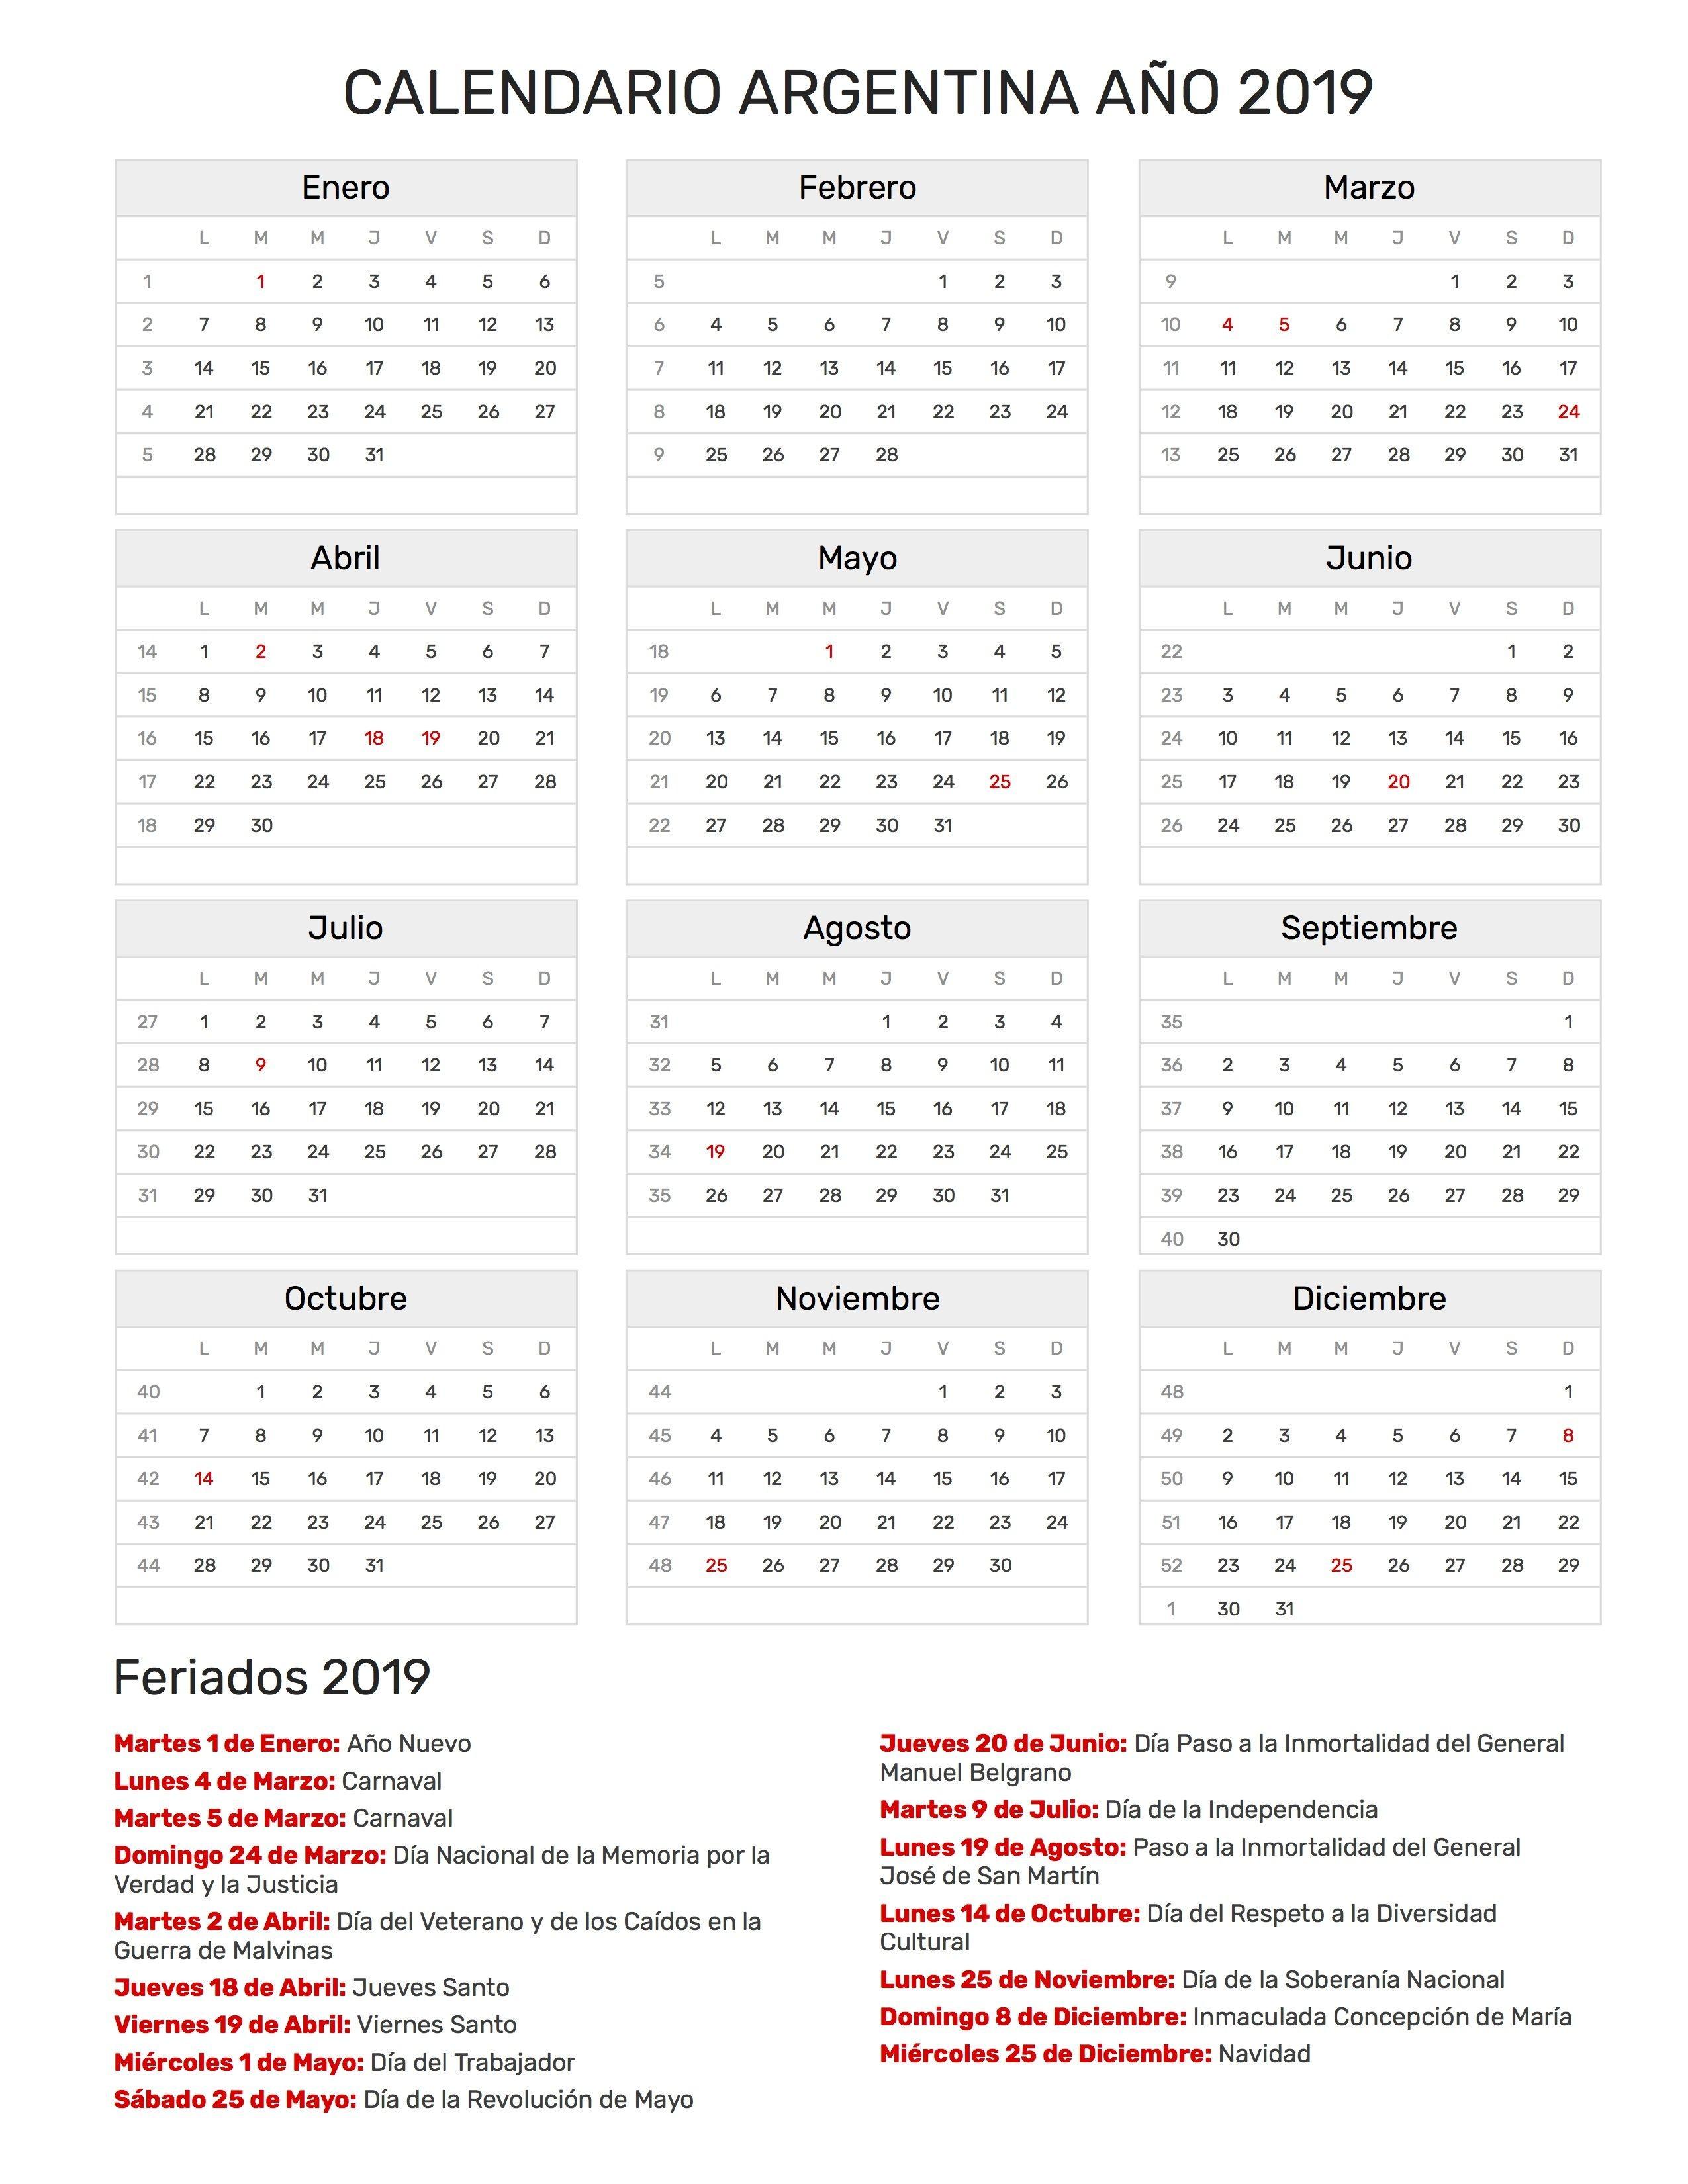 Calendario 2019 Para Imprimir Argentina Con Feriados Más Caliente Calendario 2019 Dise'o Pinterest